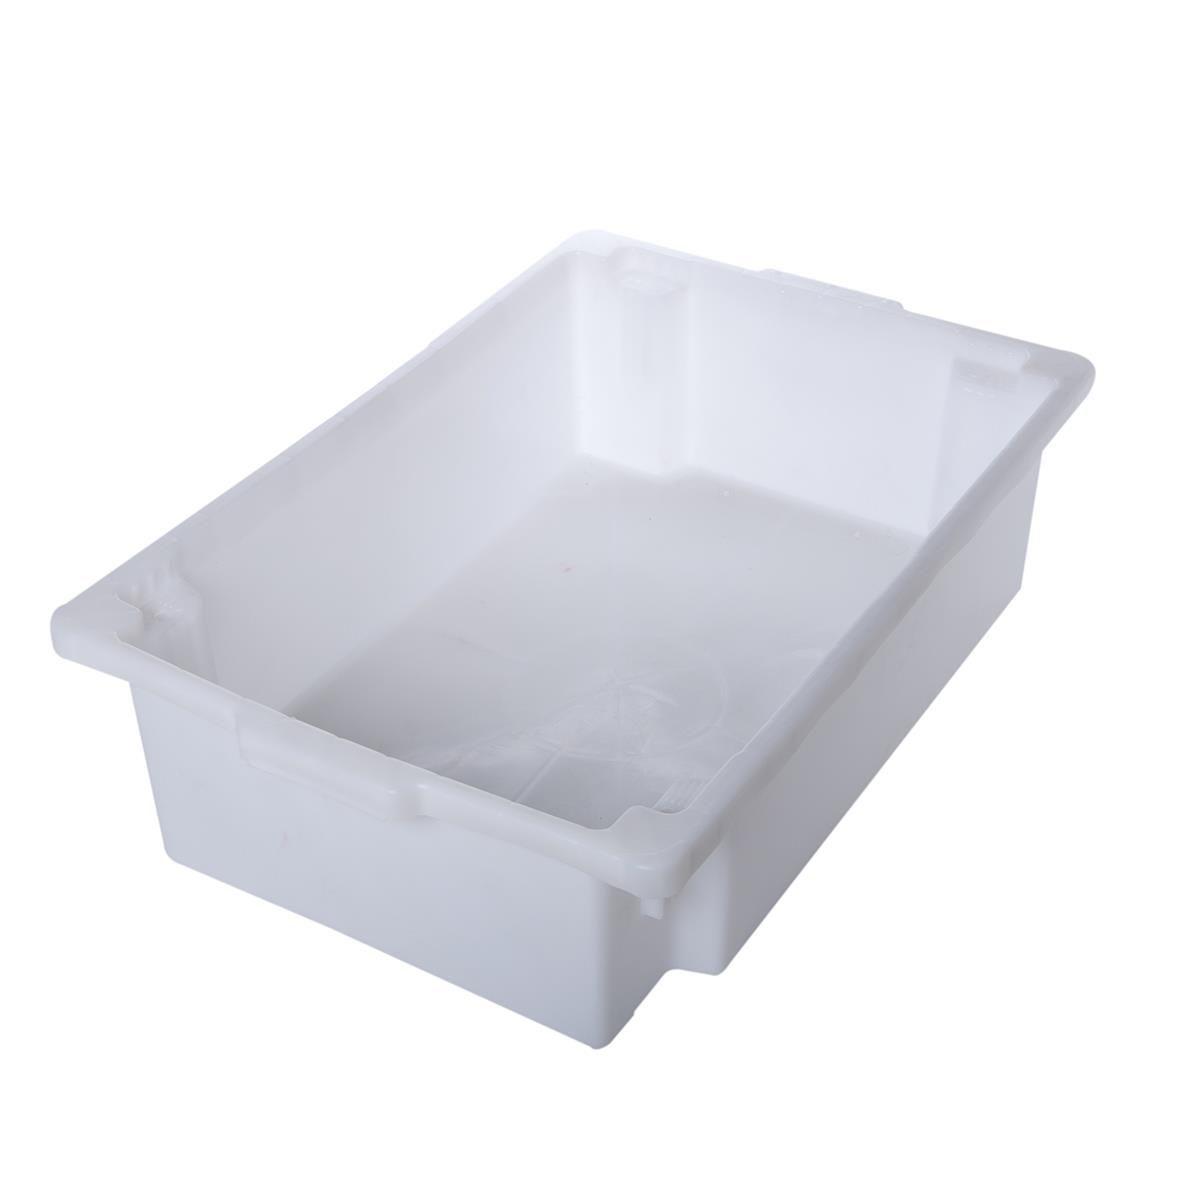 Caixa Organizadora Plástica Reforçada Com Tampa Supercron S-500 Branca 11 Litros